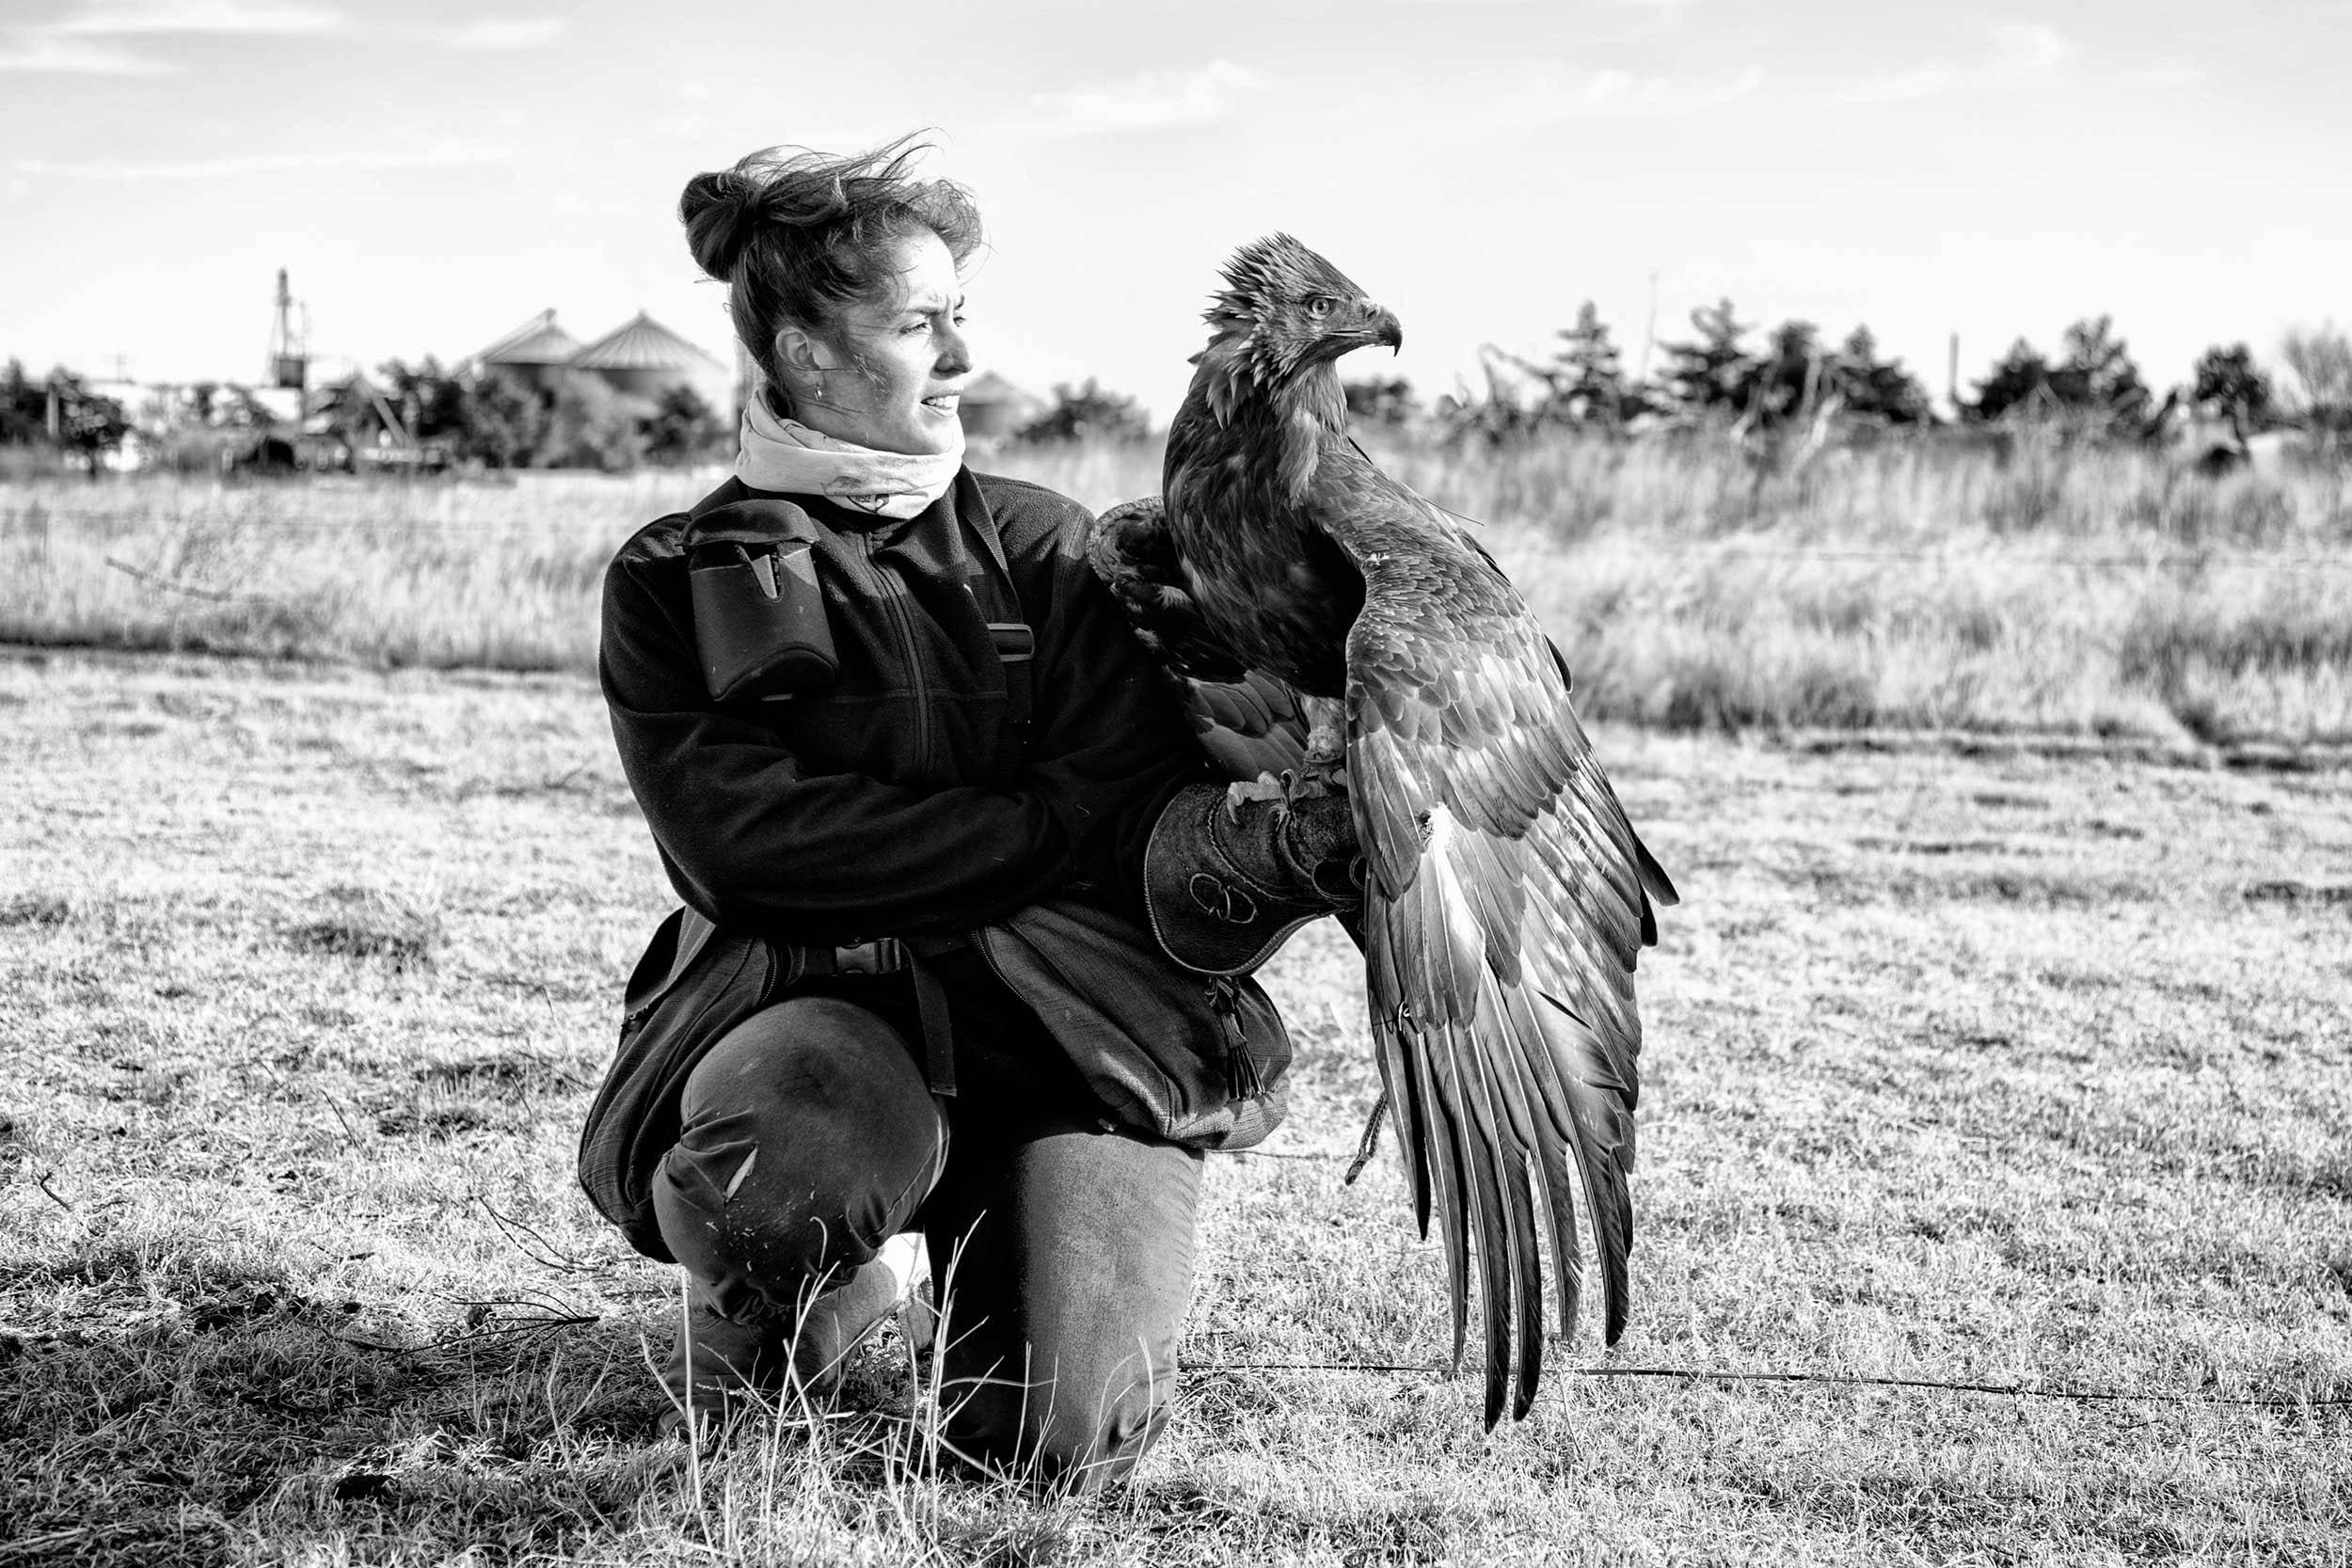 Buck the Cubicle Lauren McGough Eagle Falconer